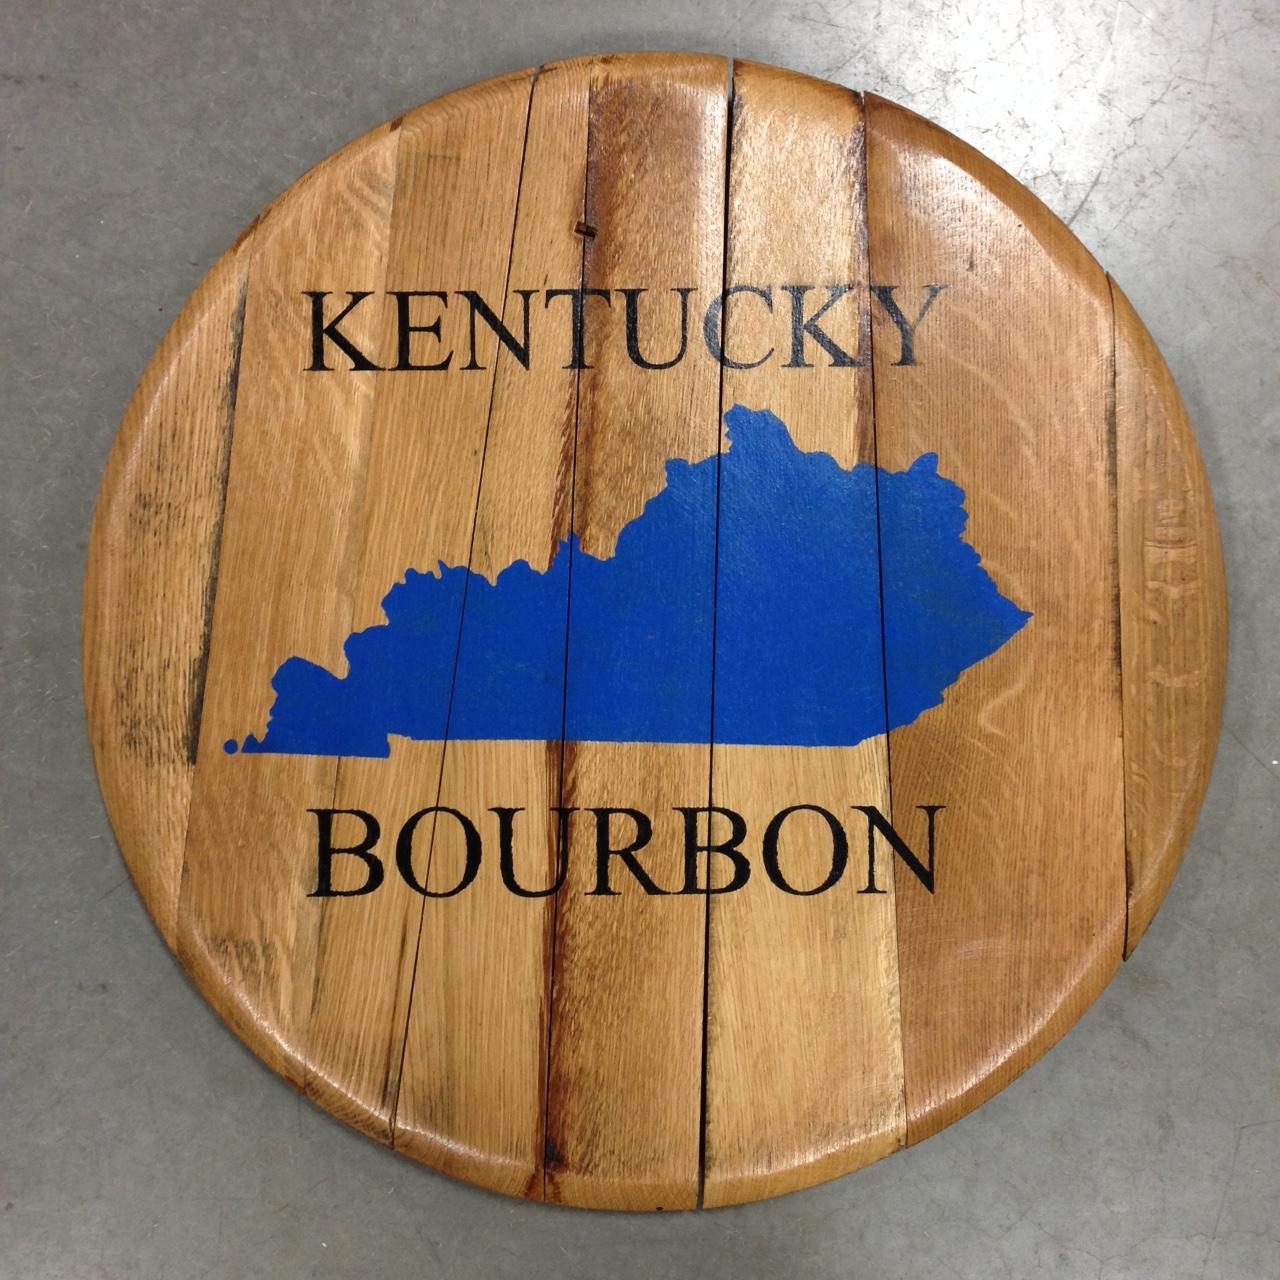 kentucky bourbon barrel head